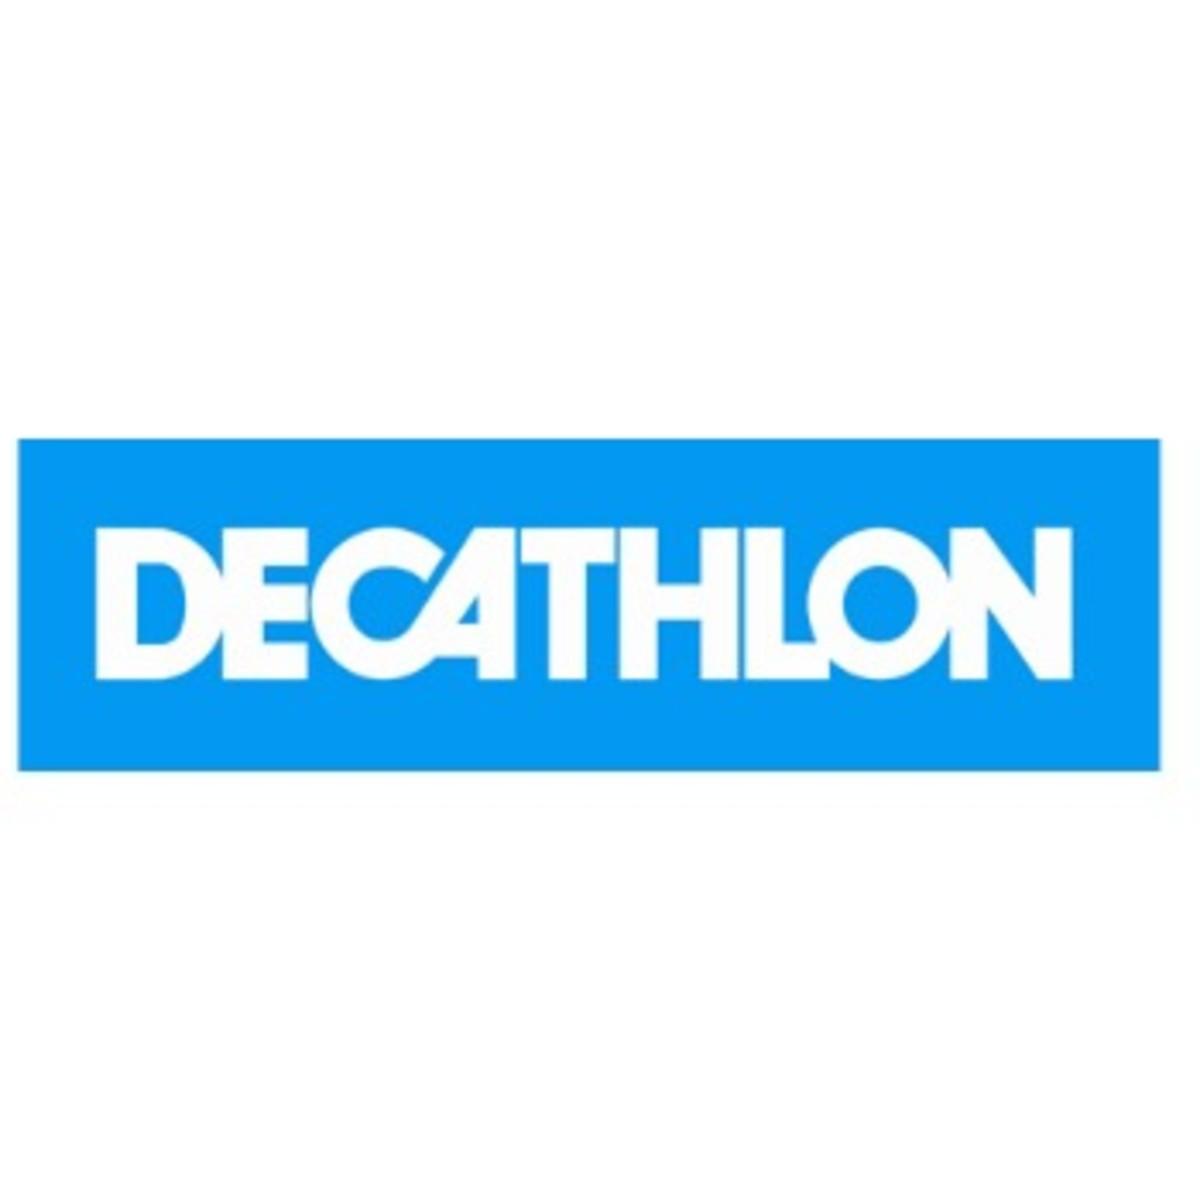 3-decathlon-logo-for-webjpg